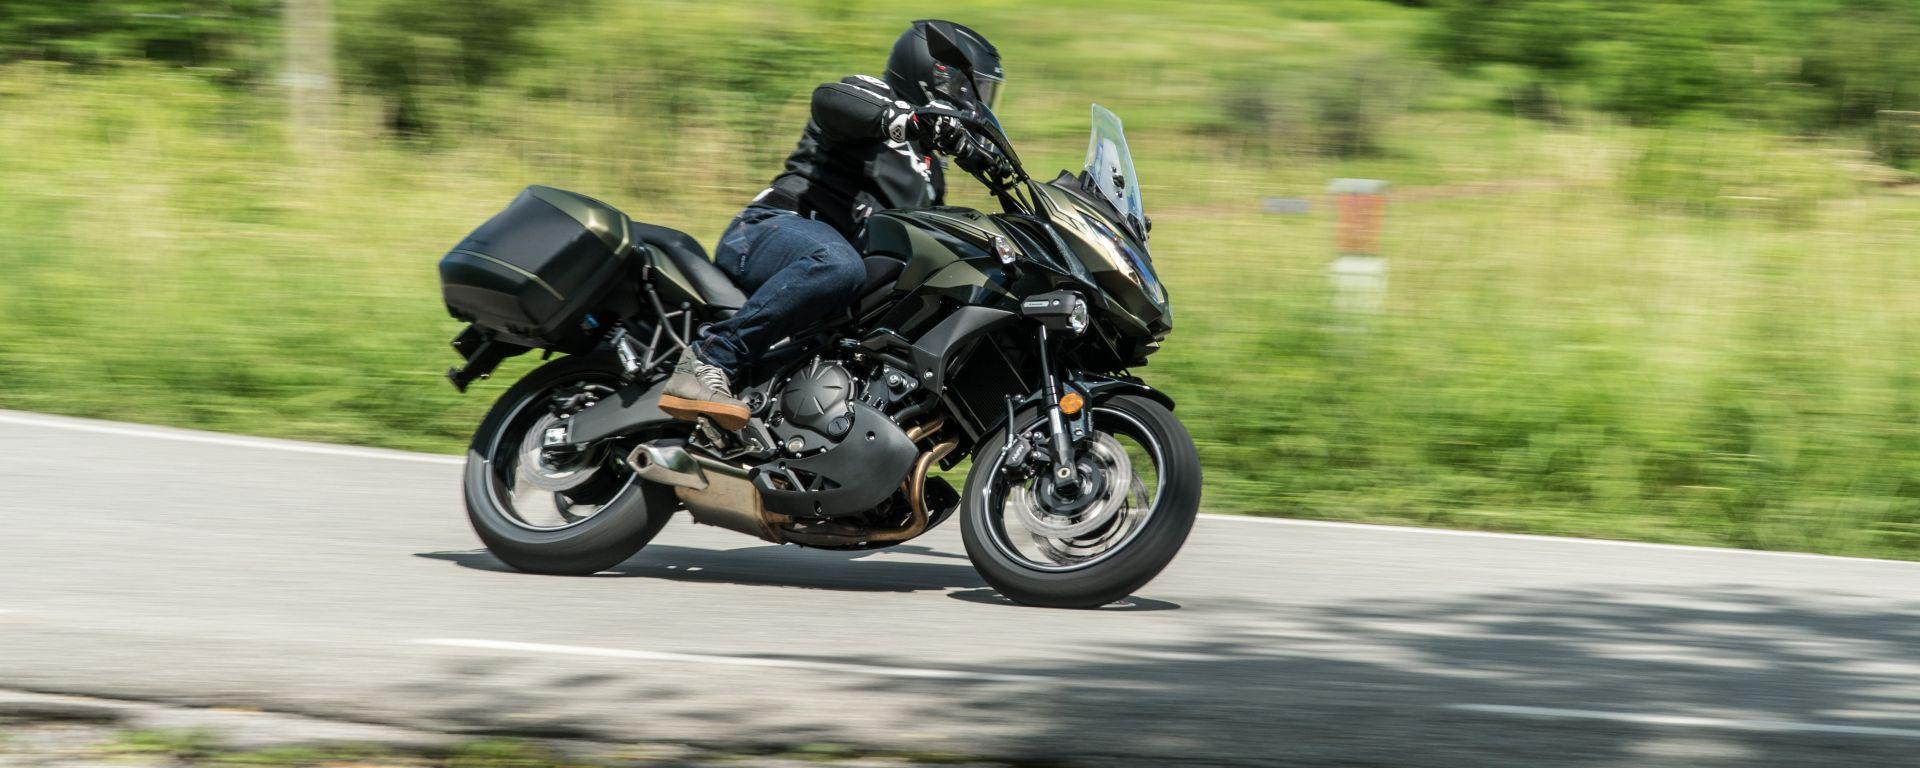 Kawasaki Versys 650 in azione